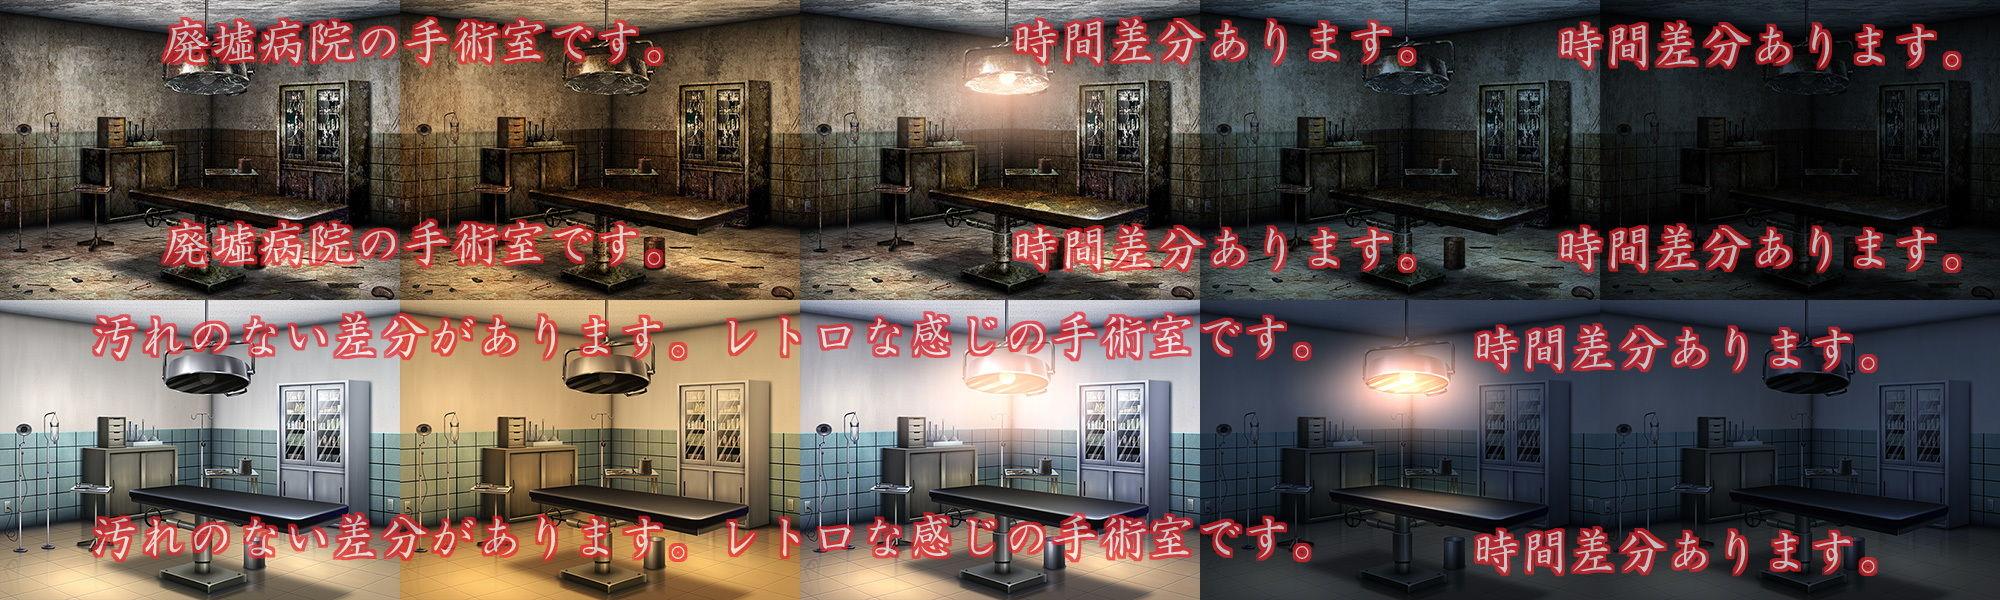 【キュキュキュのQのQ 同人】著作権フリー背景CG素材「廃墟手術室」